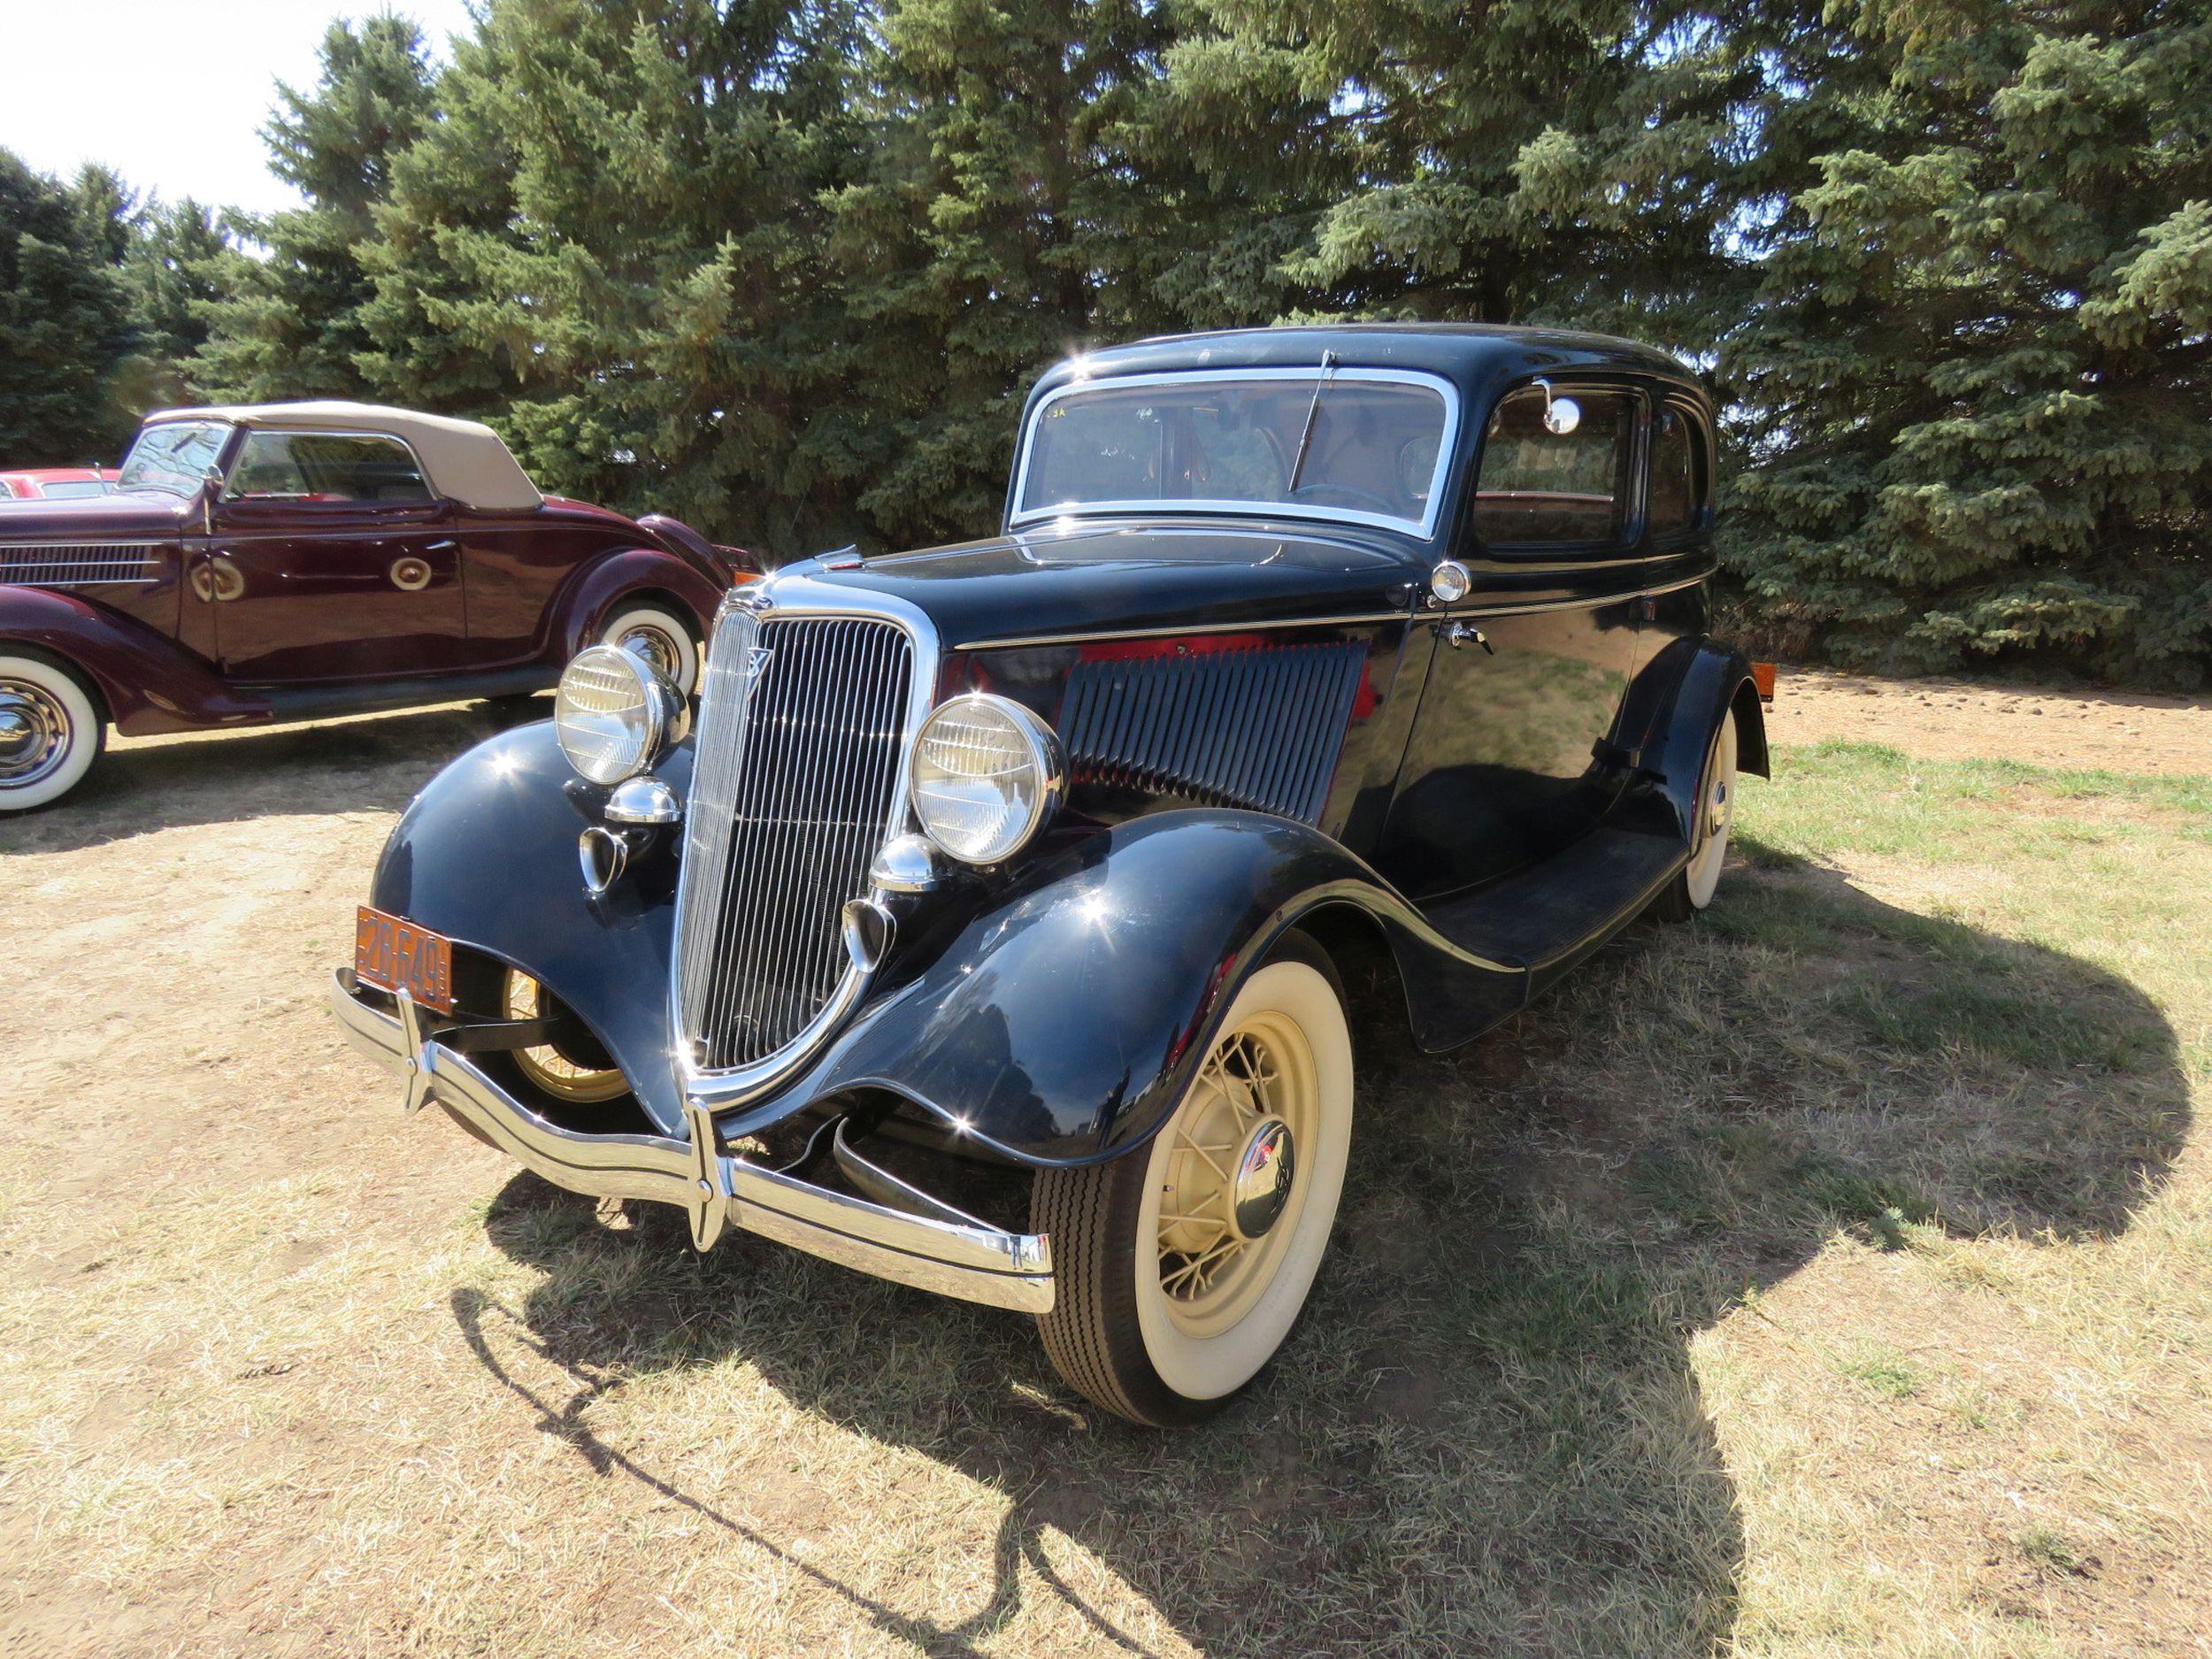 Vanderbrink - Krinke Collection - 1934 Ford Victoria